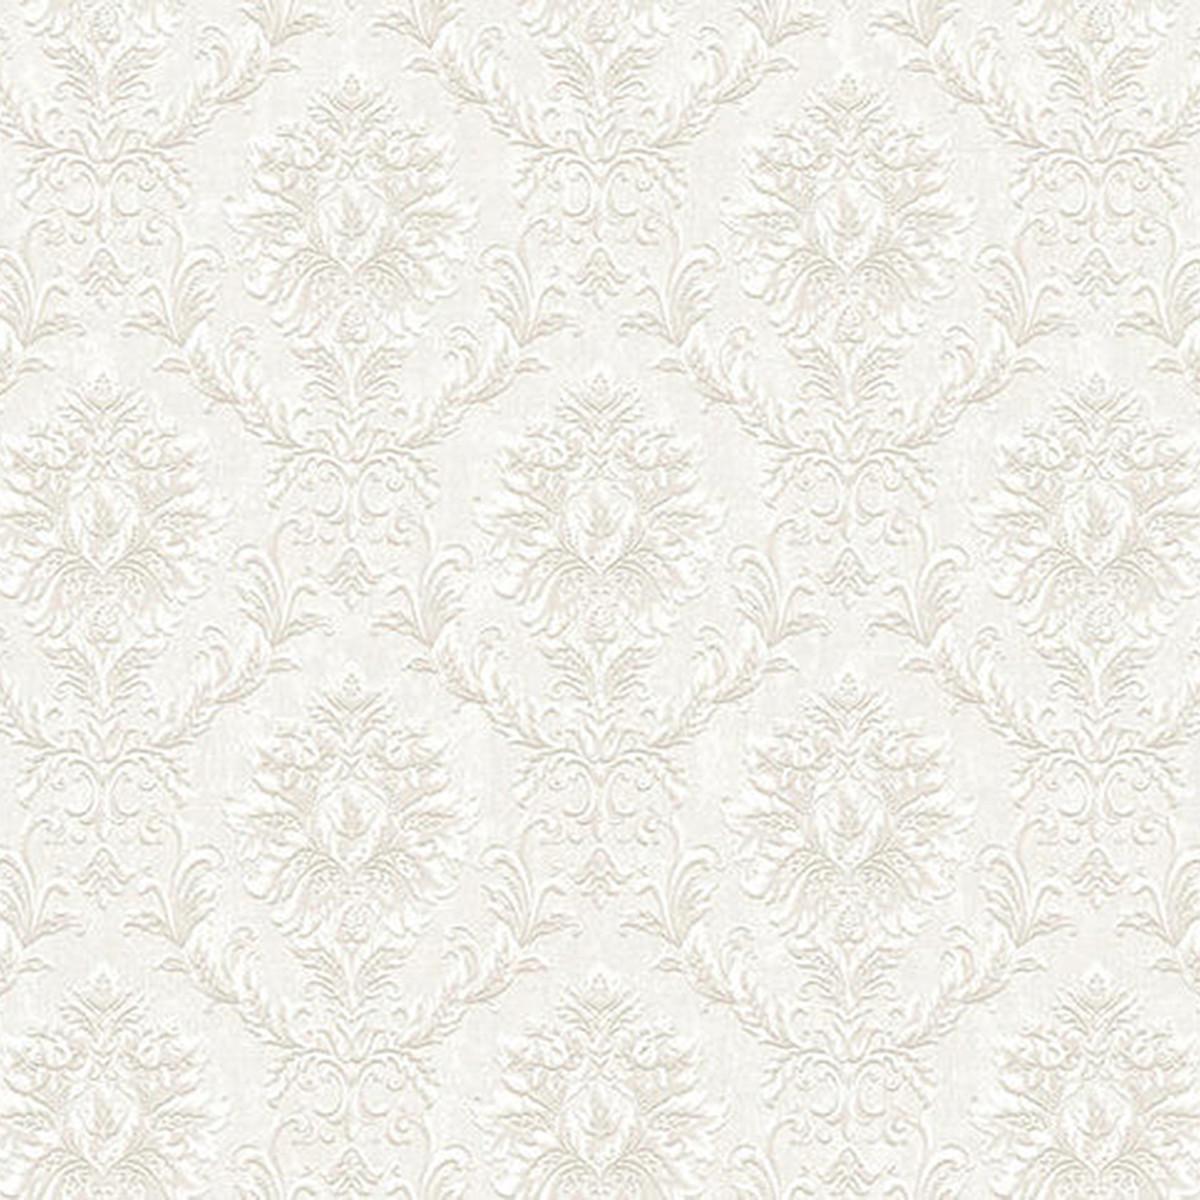 Обои флизелиновые Grandeco Villa Borghese белые 1.06 м VB3305